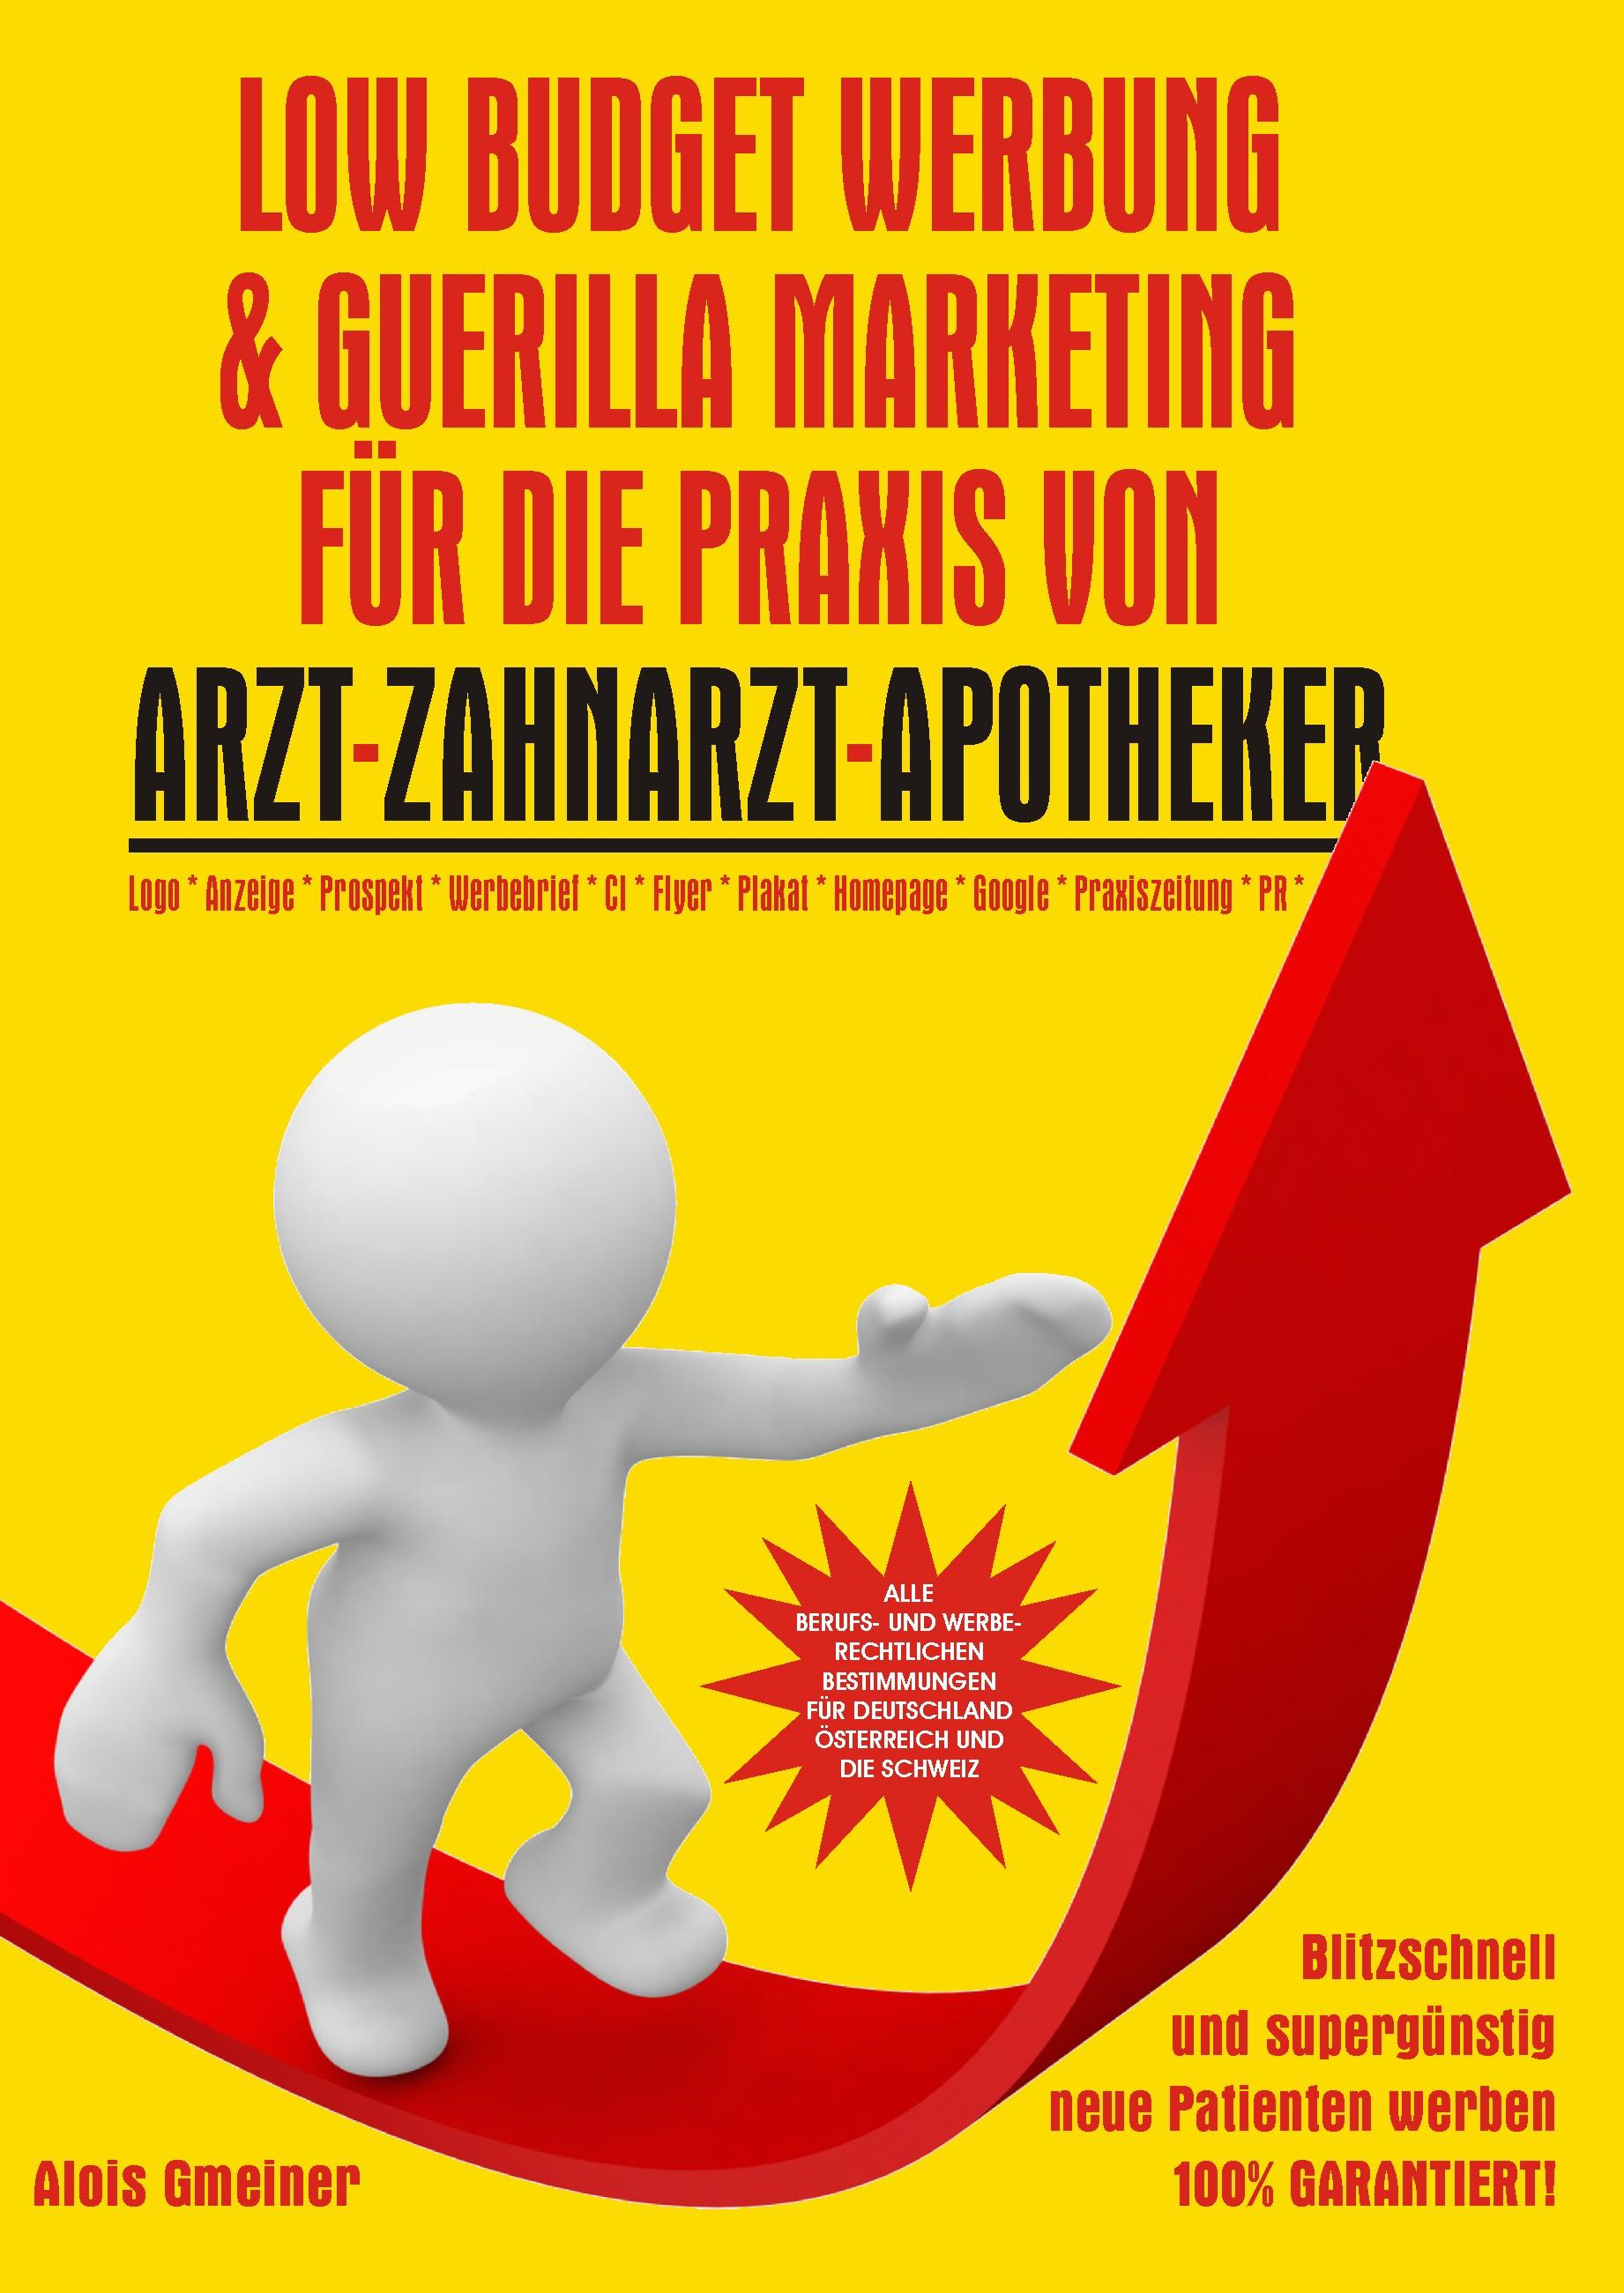 Cover zu Low Budget Werbung & Guerilla Marketing für Arzt, Zahnarzt, Tierarzt, Apotheker